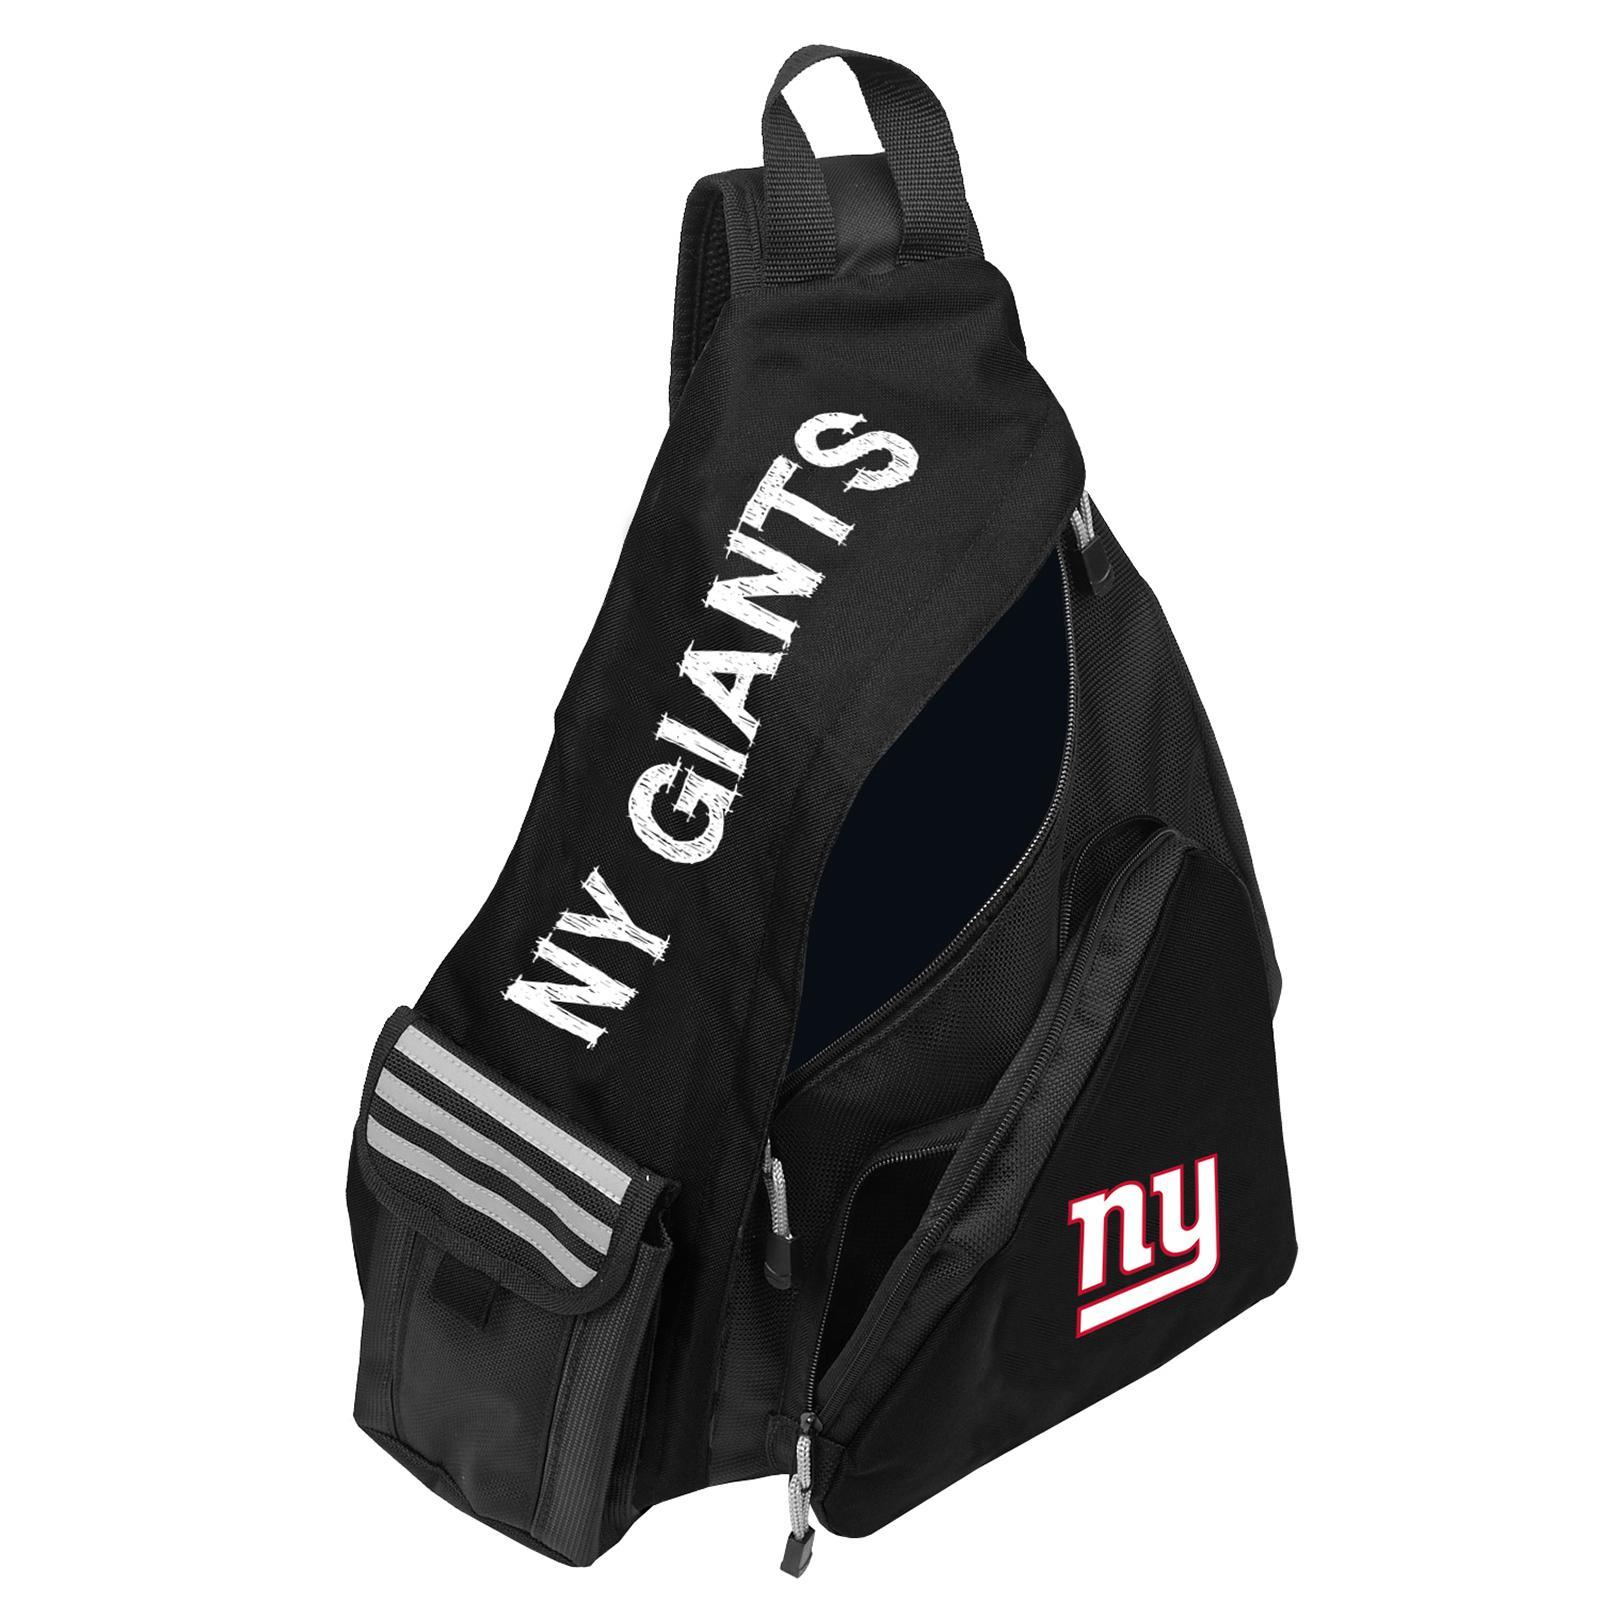 Sling Backpack - New York Giants